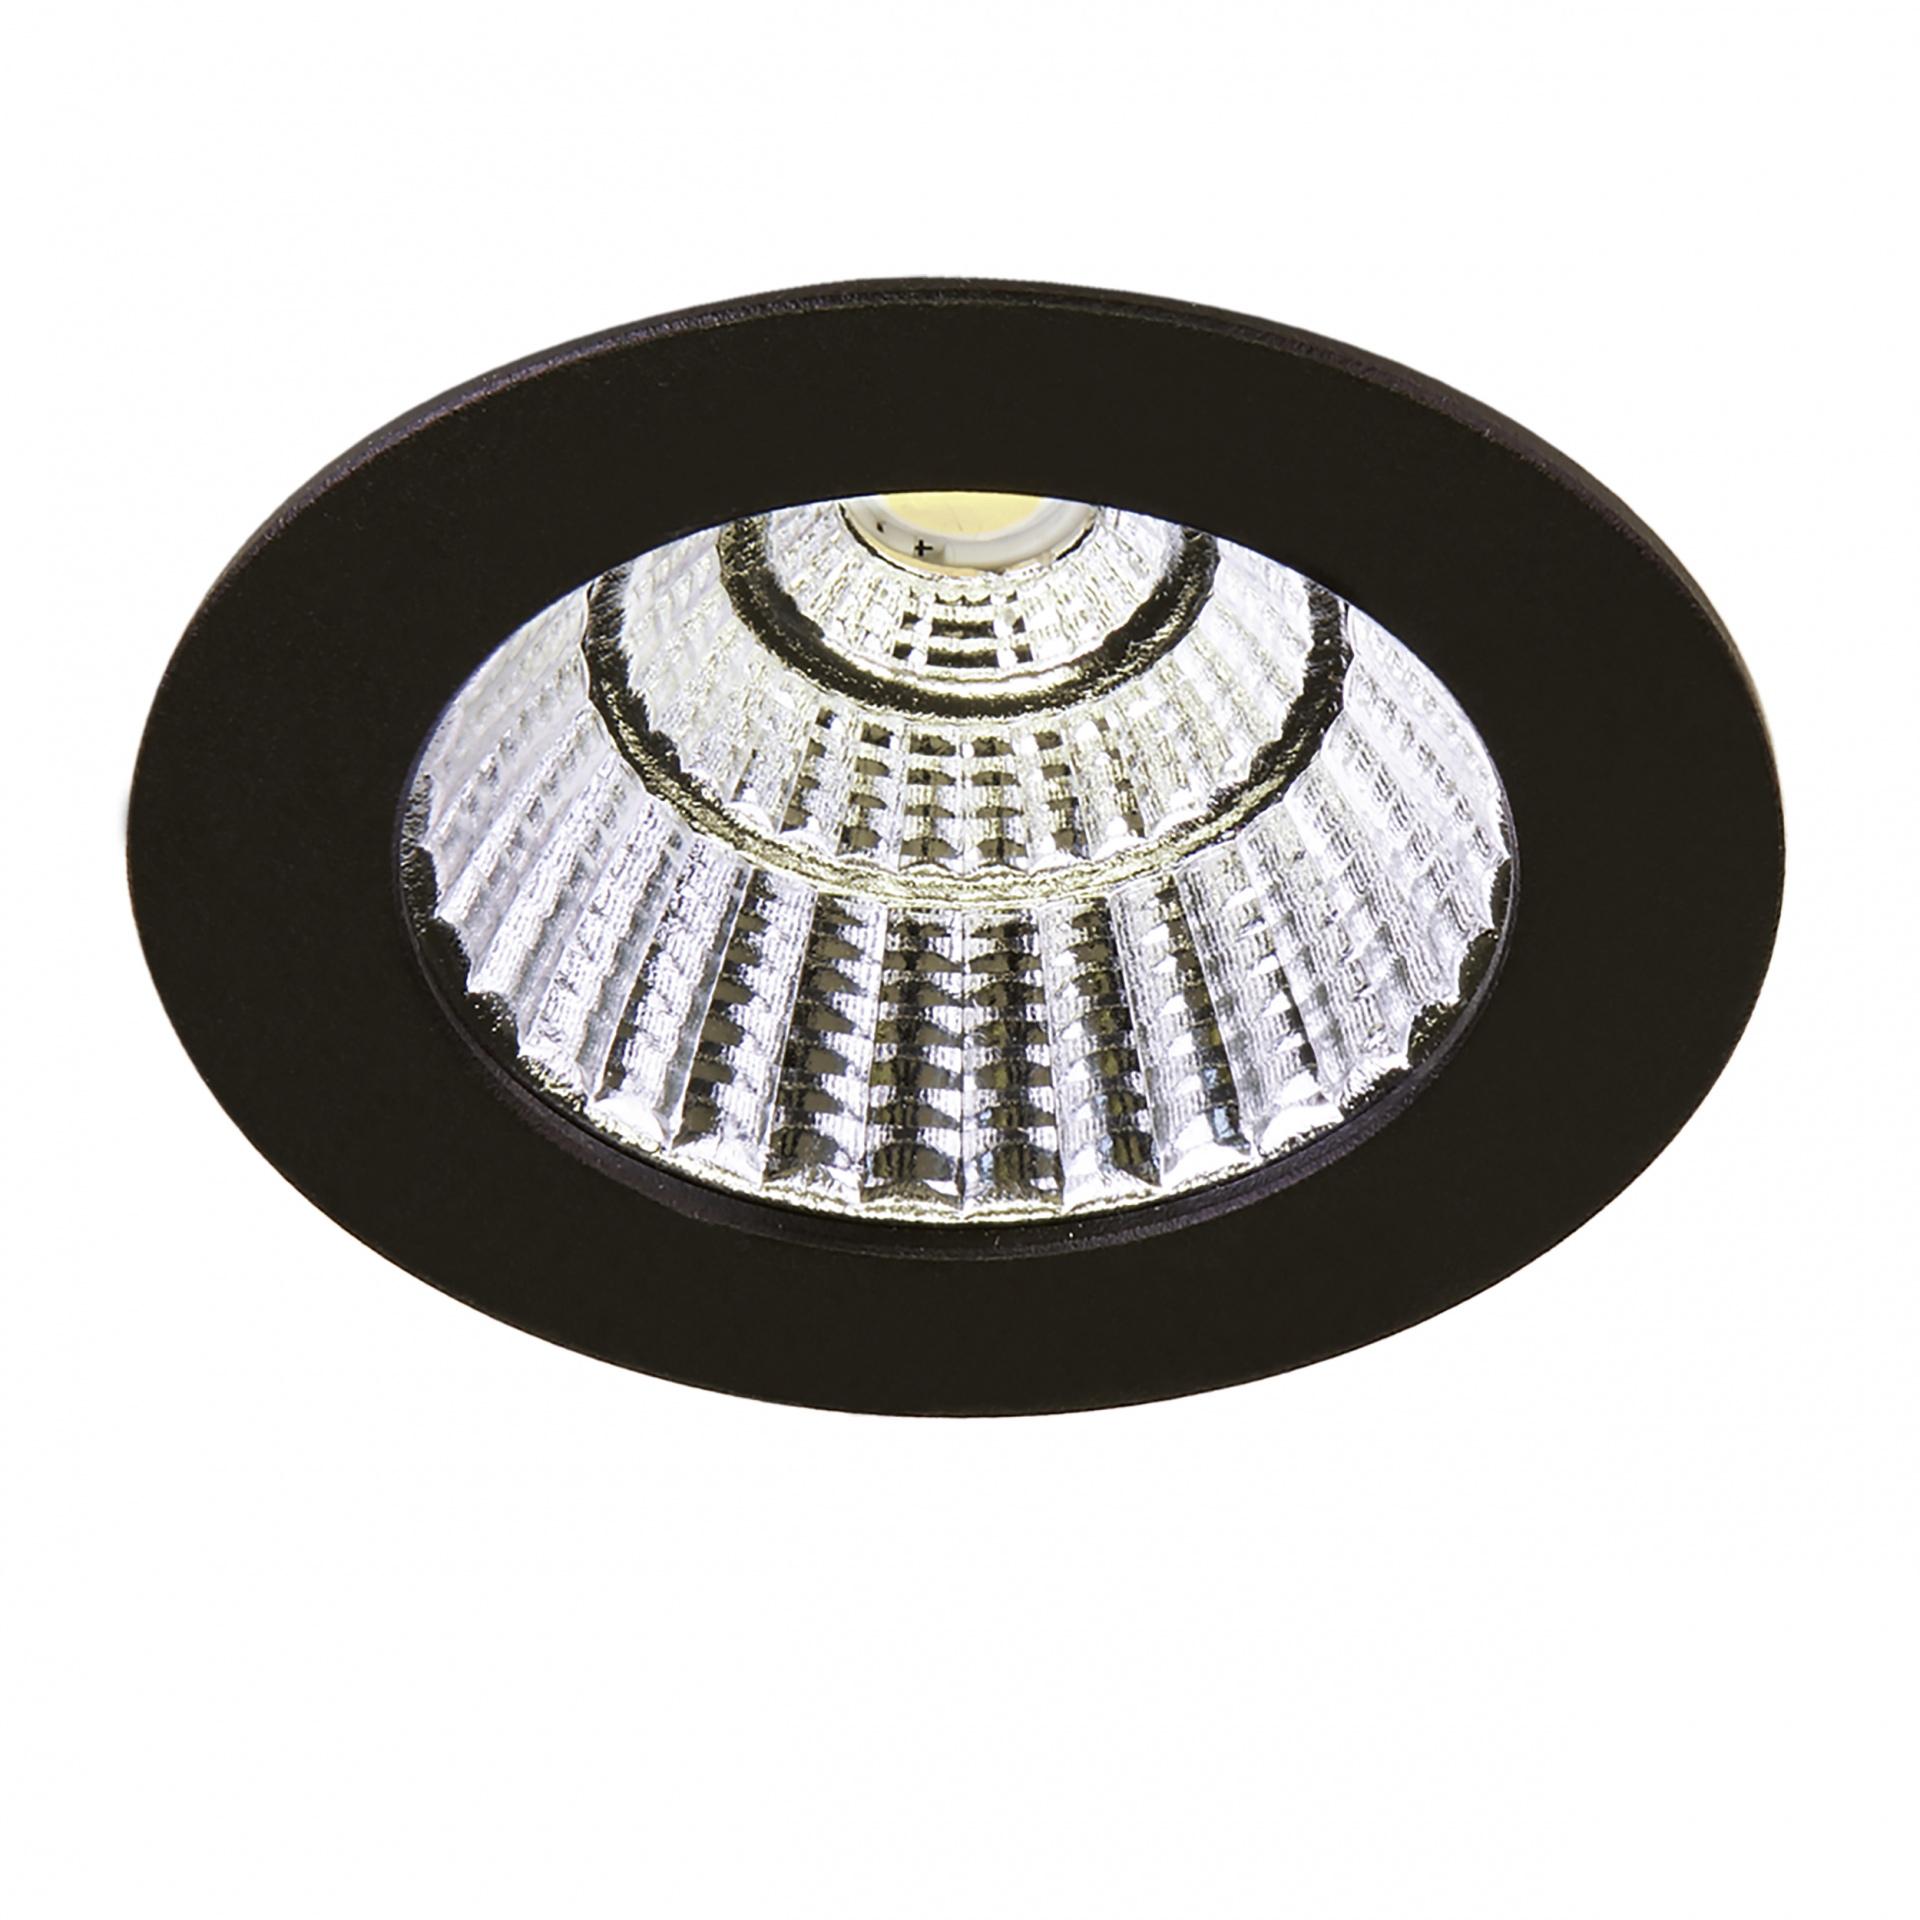 Светильник SOFFI 11 LED 7W 630LM 40G черный 3000K Lightstar 212417, купить в СПб, Москве, с доставкой, Санкт-Петербург, интернет-магазин люстр и светильников Starlight, фото в жизни